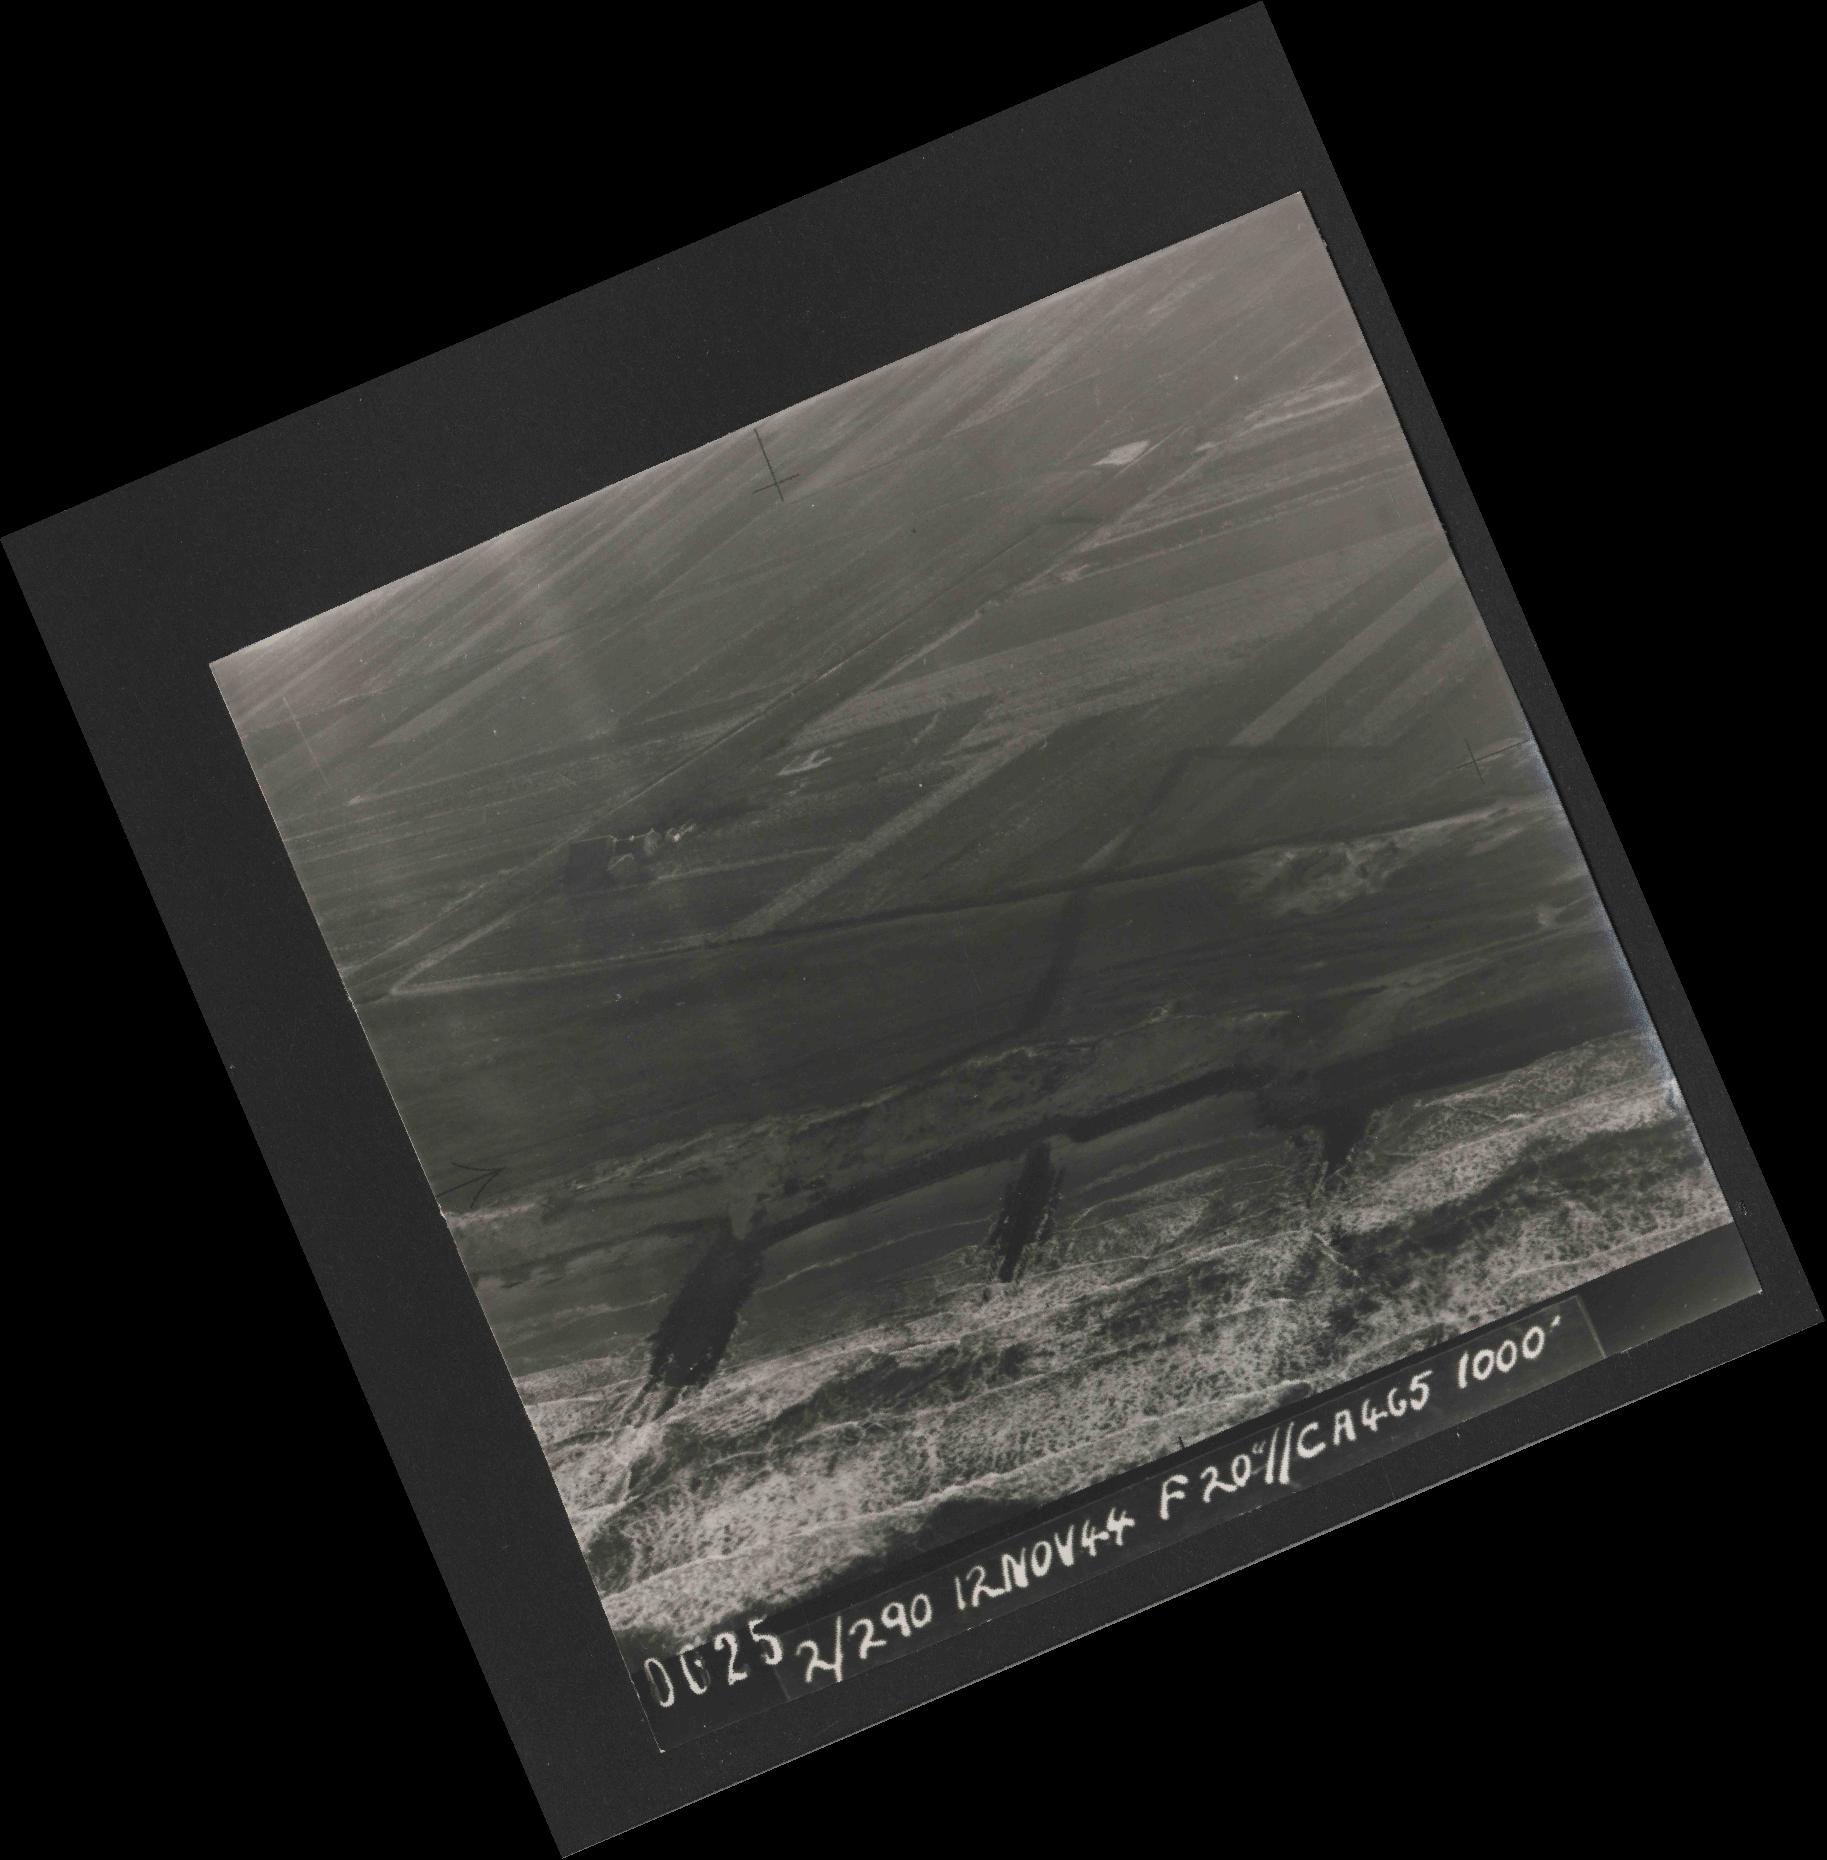 Collection RAF aerial photos 1940-1945 - flight 554, run 01, photo 0025